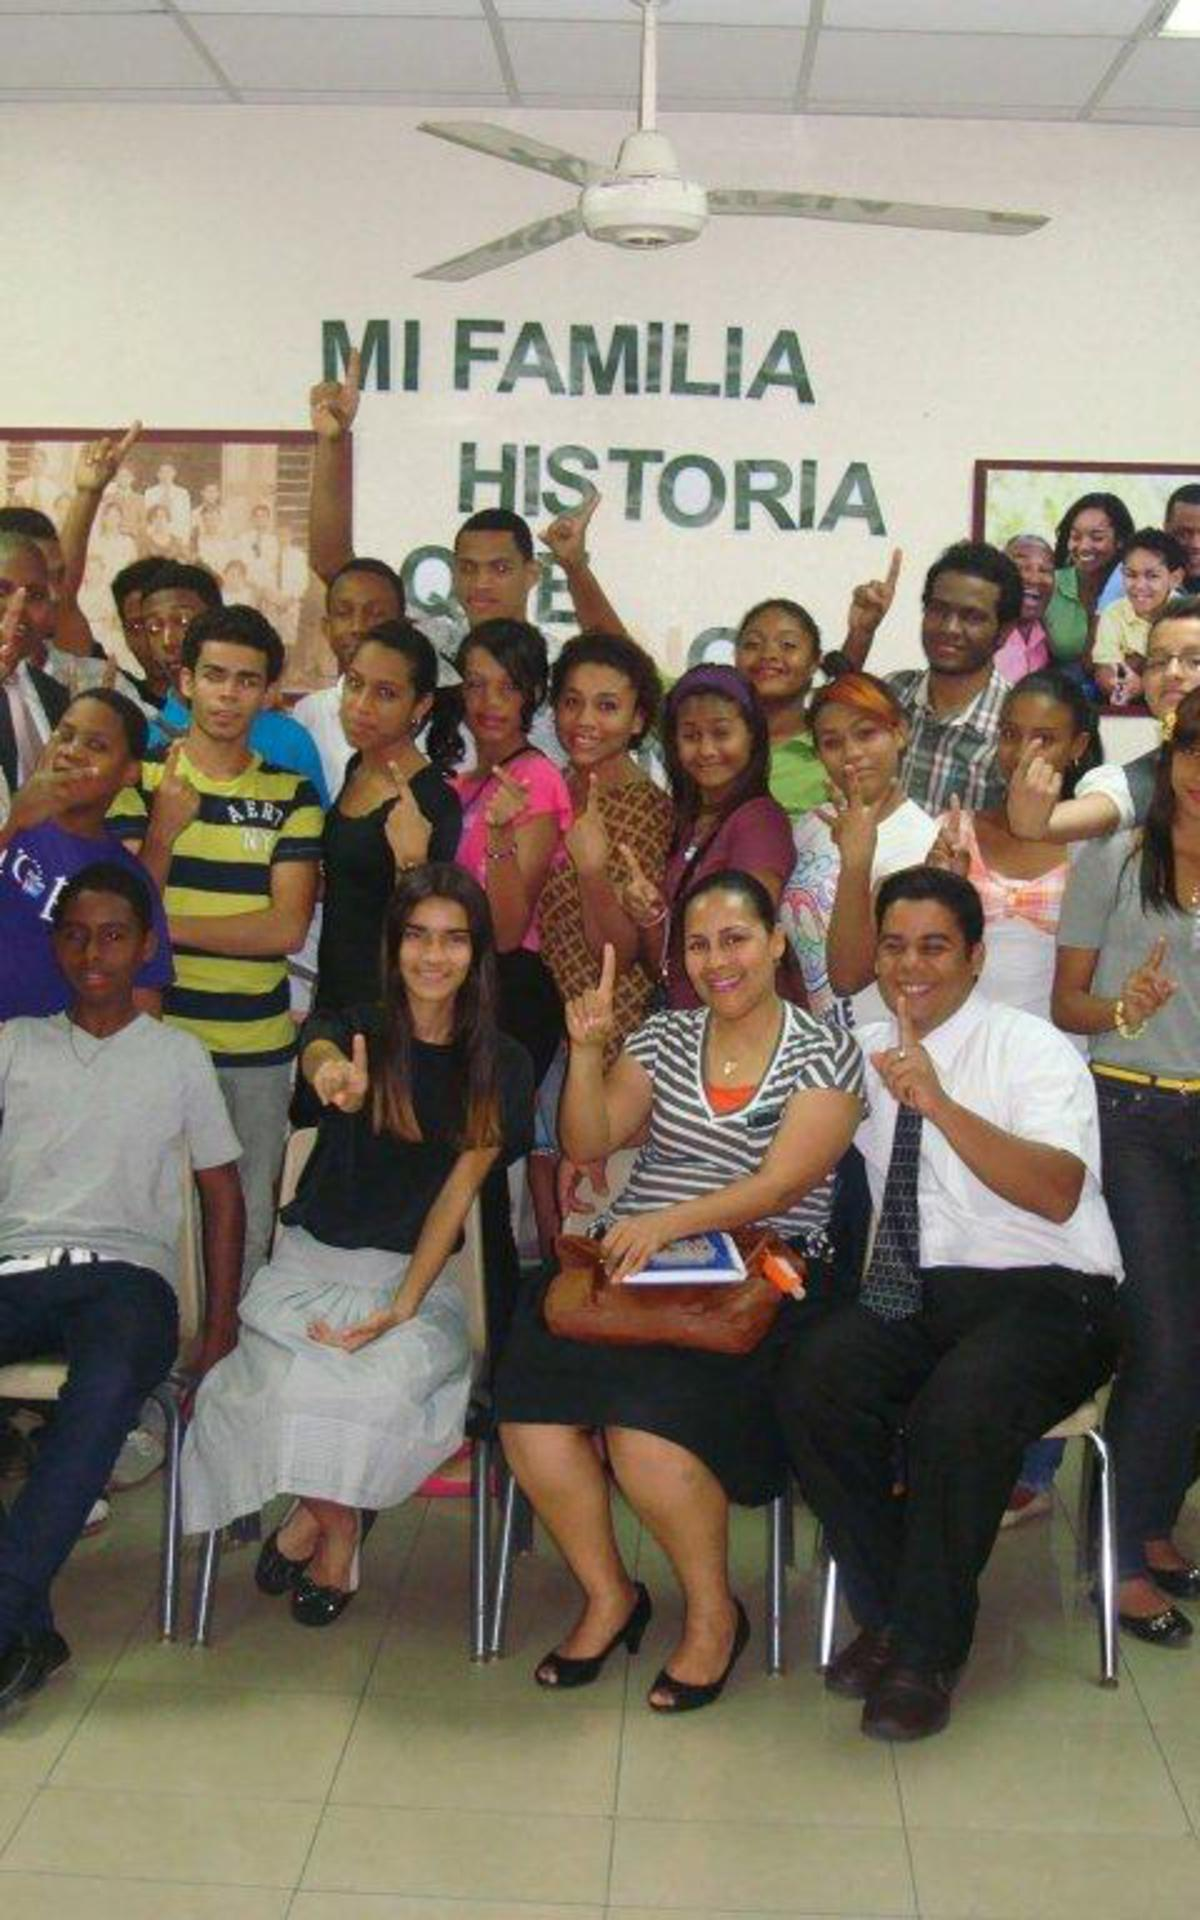 Mutual de Historia Familia HYMJ del Barrio de Mendoza- Jovenes haciendo la promesa de que llevaran un nombre al templo.jpg